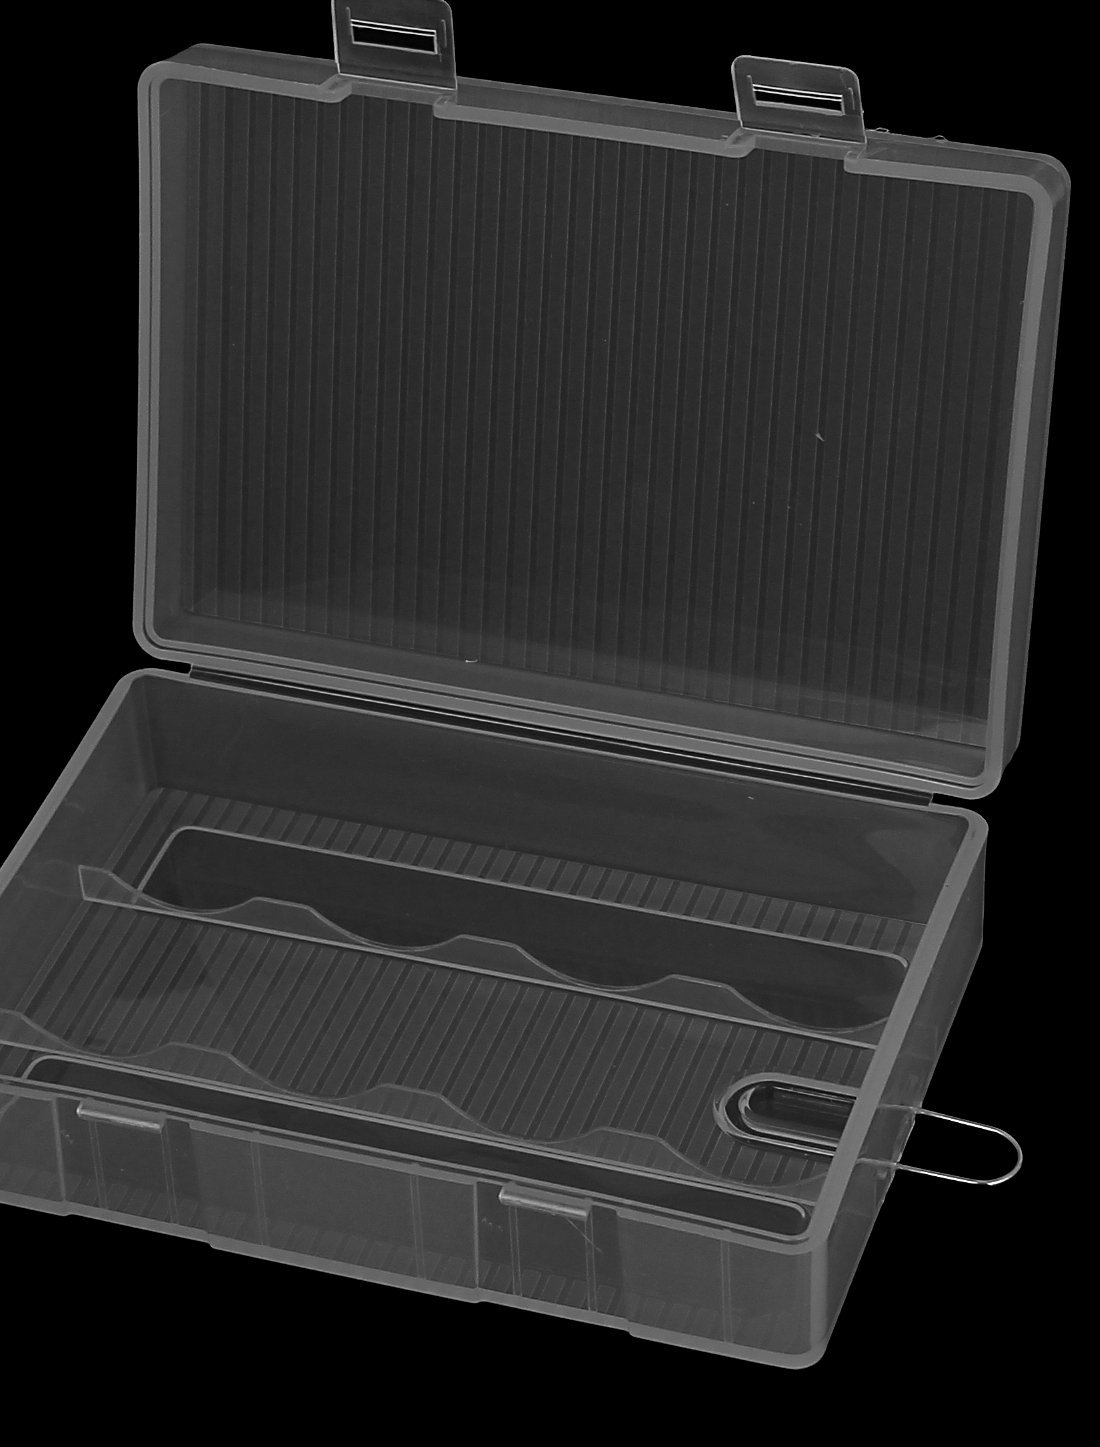 La caja de almacenaje de plástico transparente para titular 4 x pilas AA batería - - Amazon.com